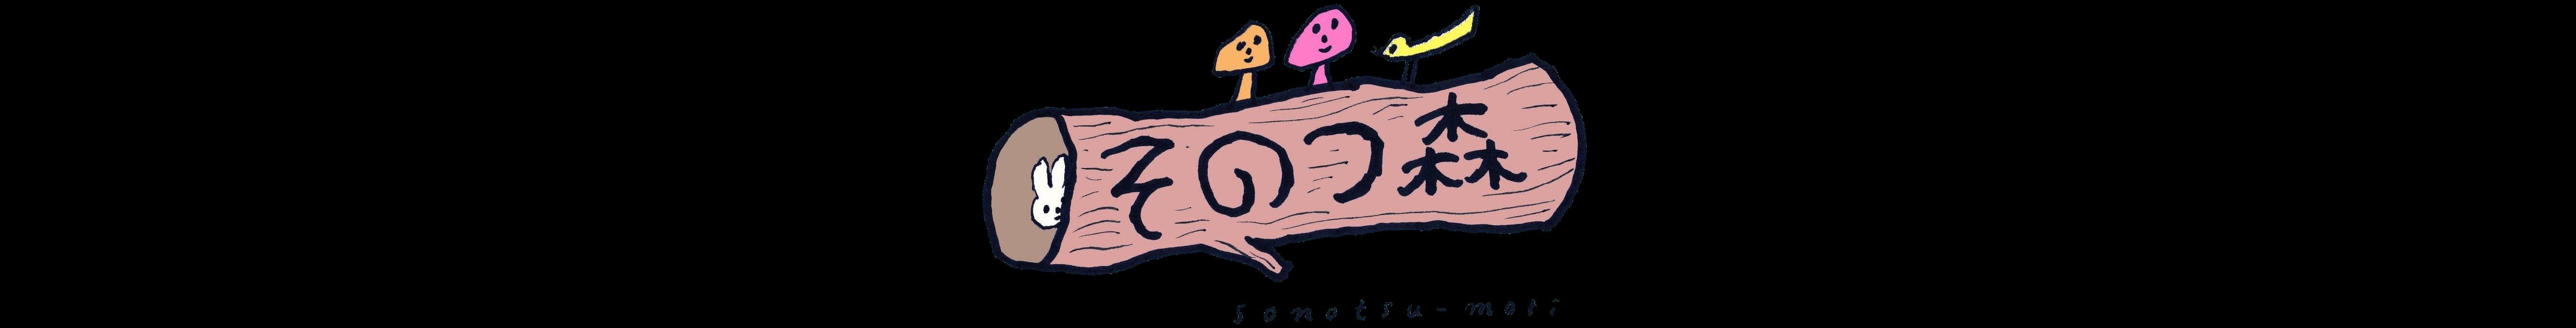 そのつ森 (特定非営利活動法人 そのつ森)